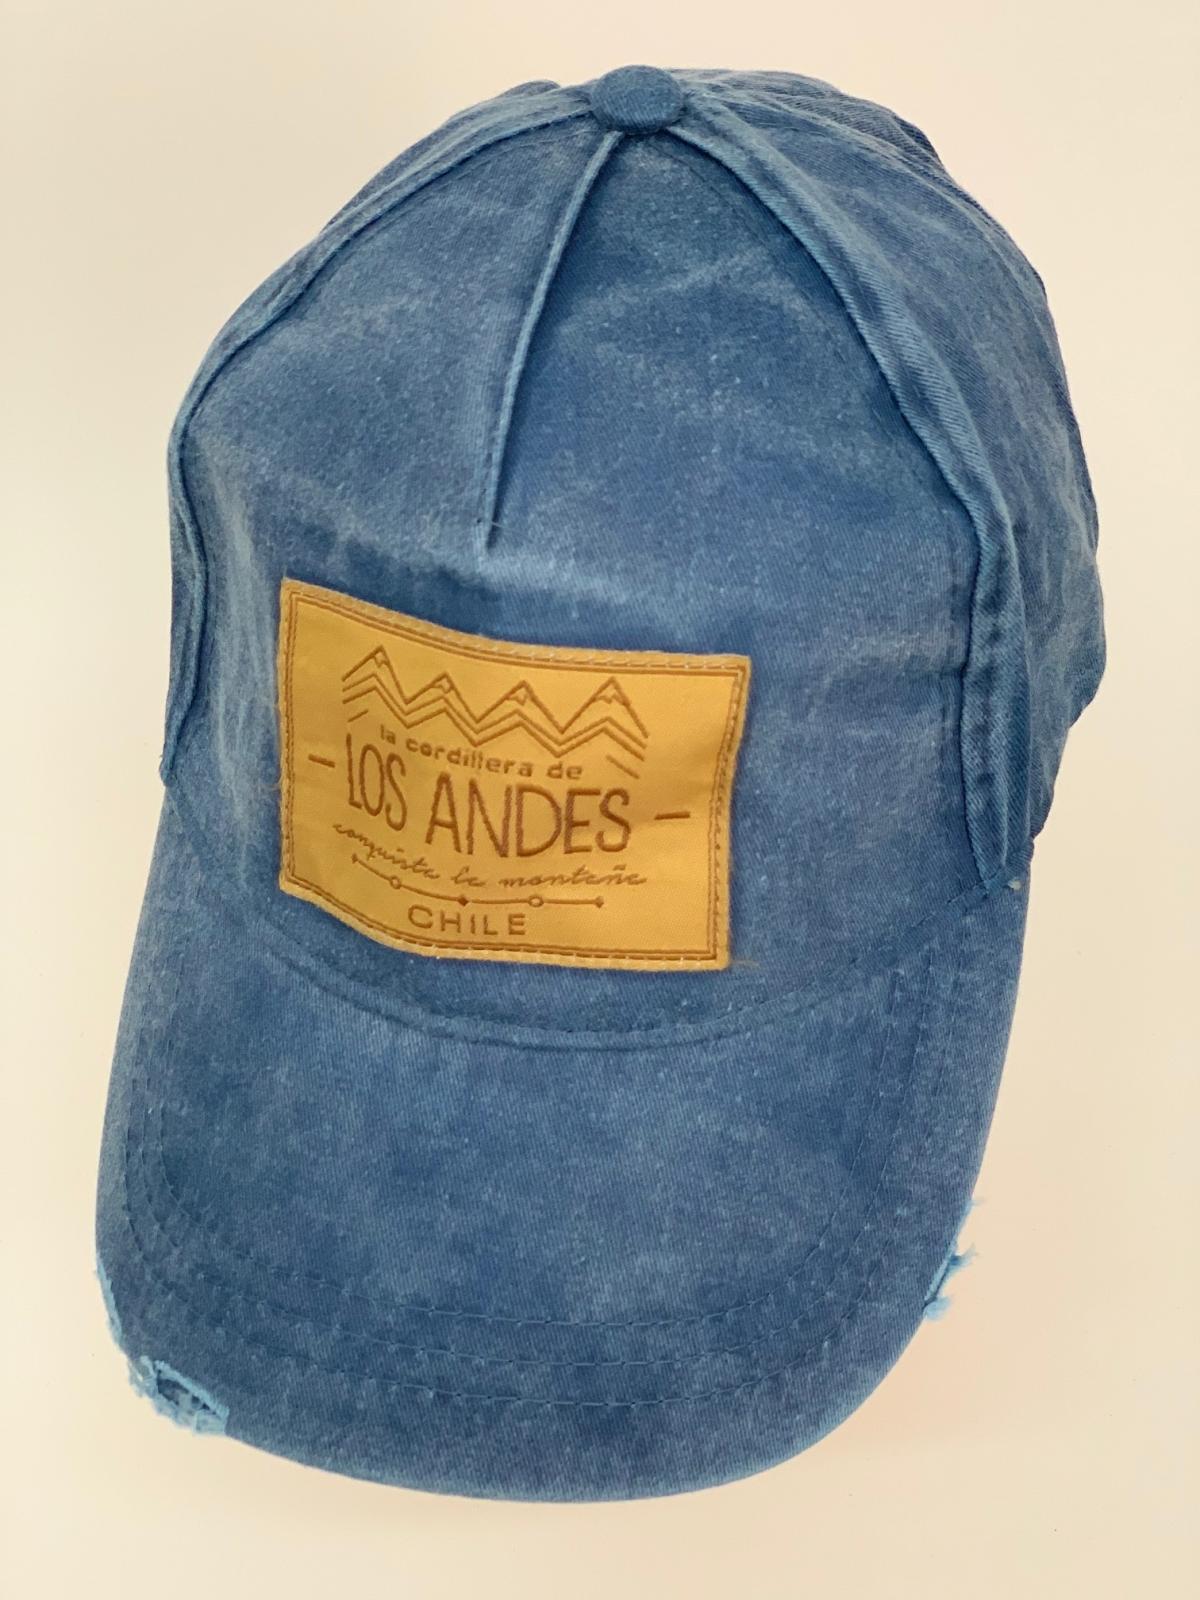 Бейсболка Los Andes и джинсовой ткани